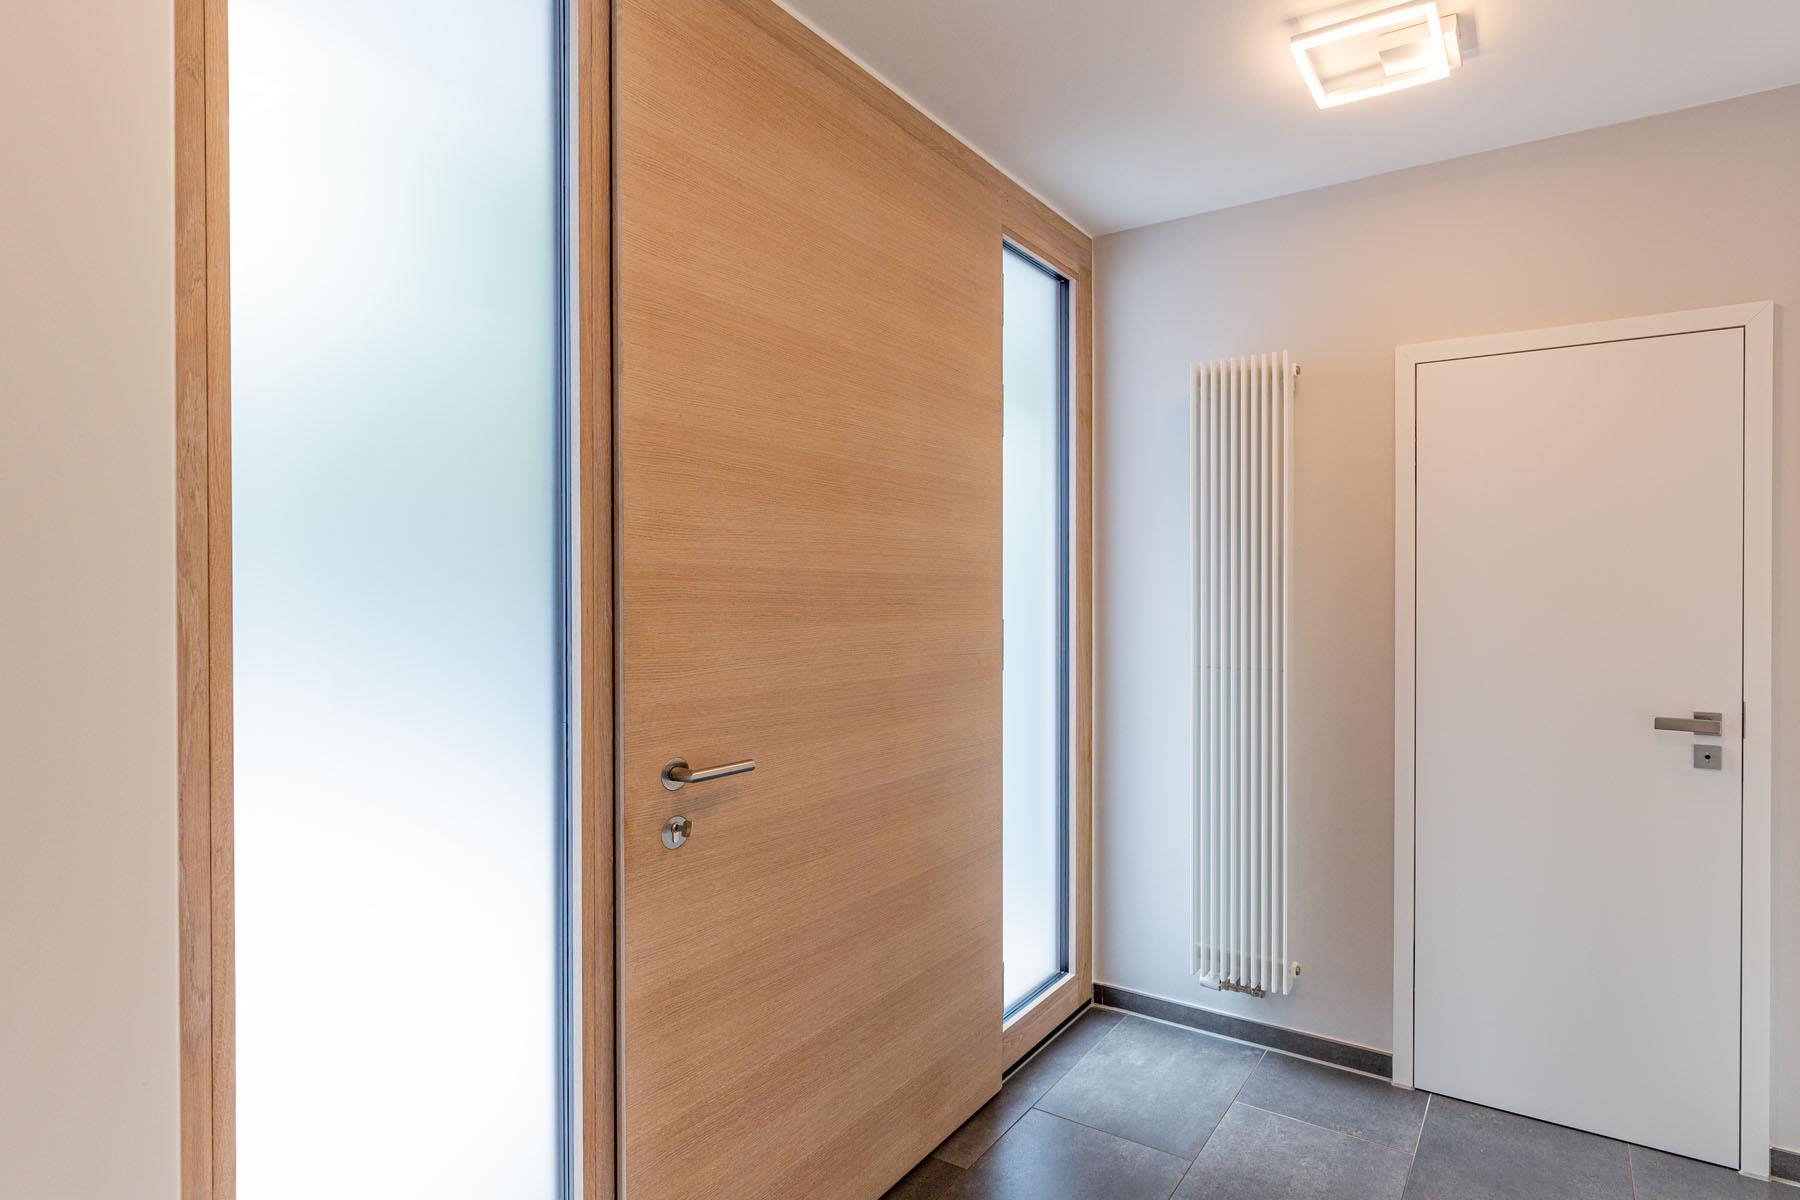 Flur mit Wohnungstür aus Holz und hellem Flurlicht